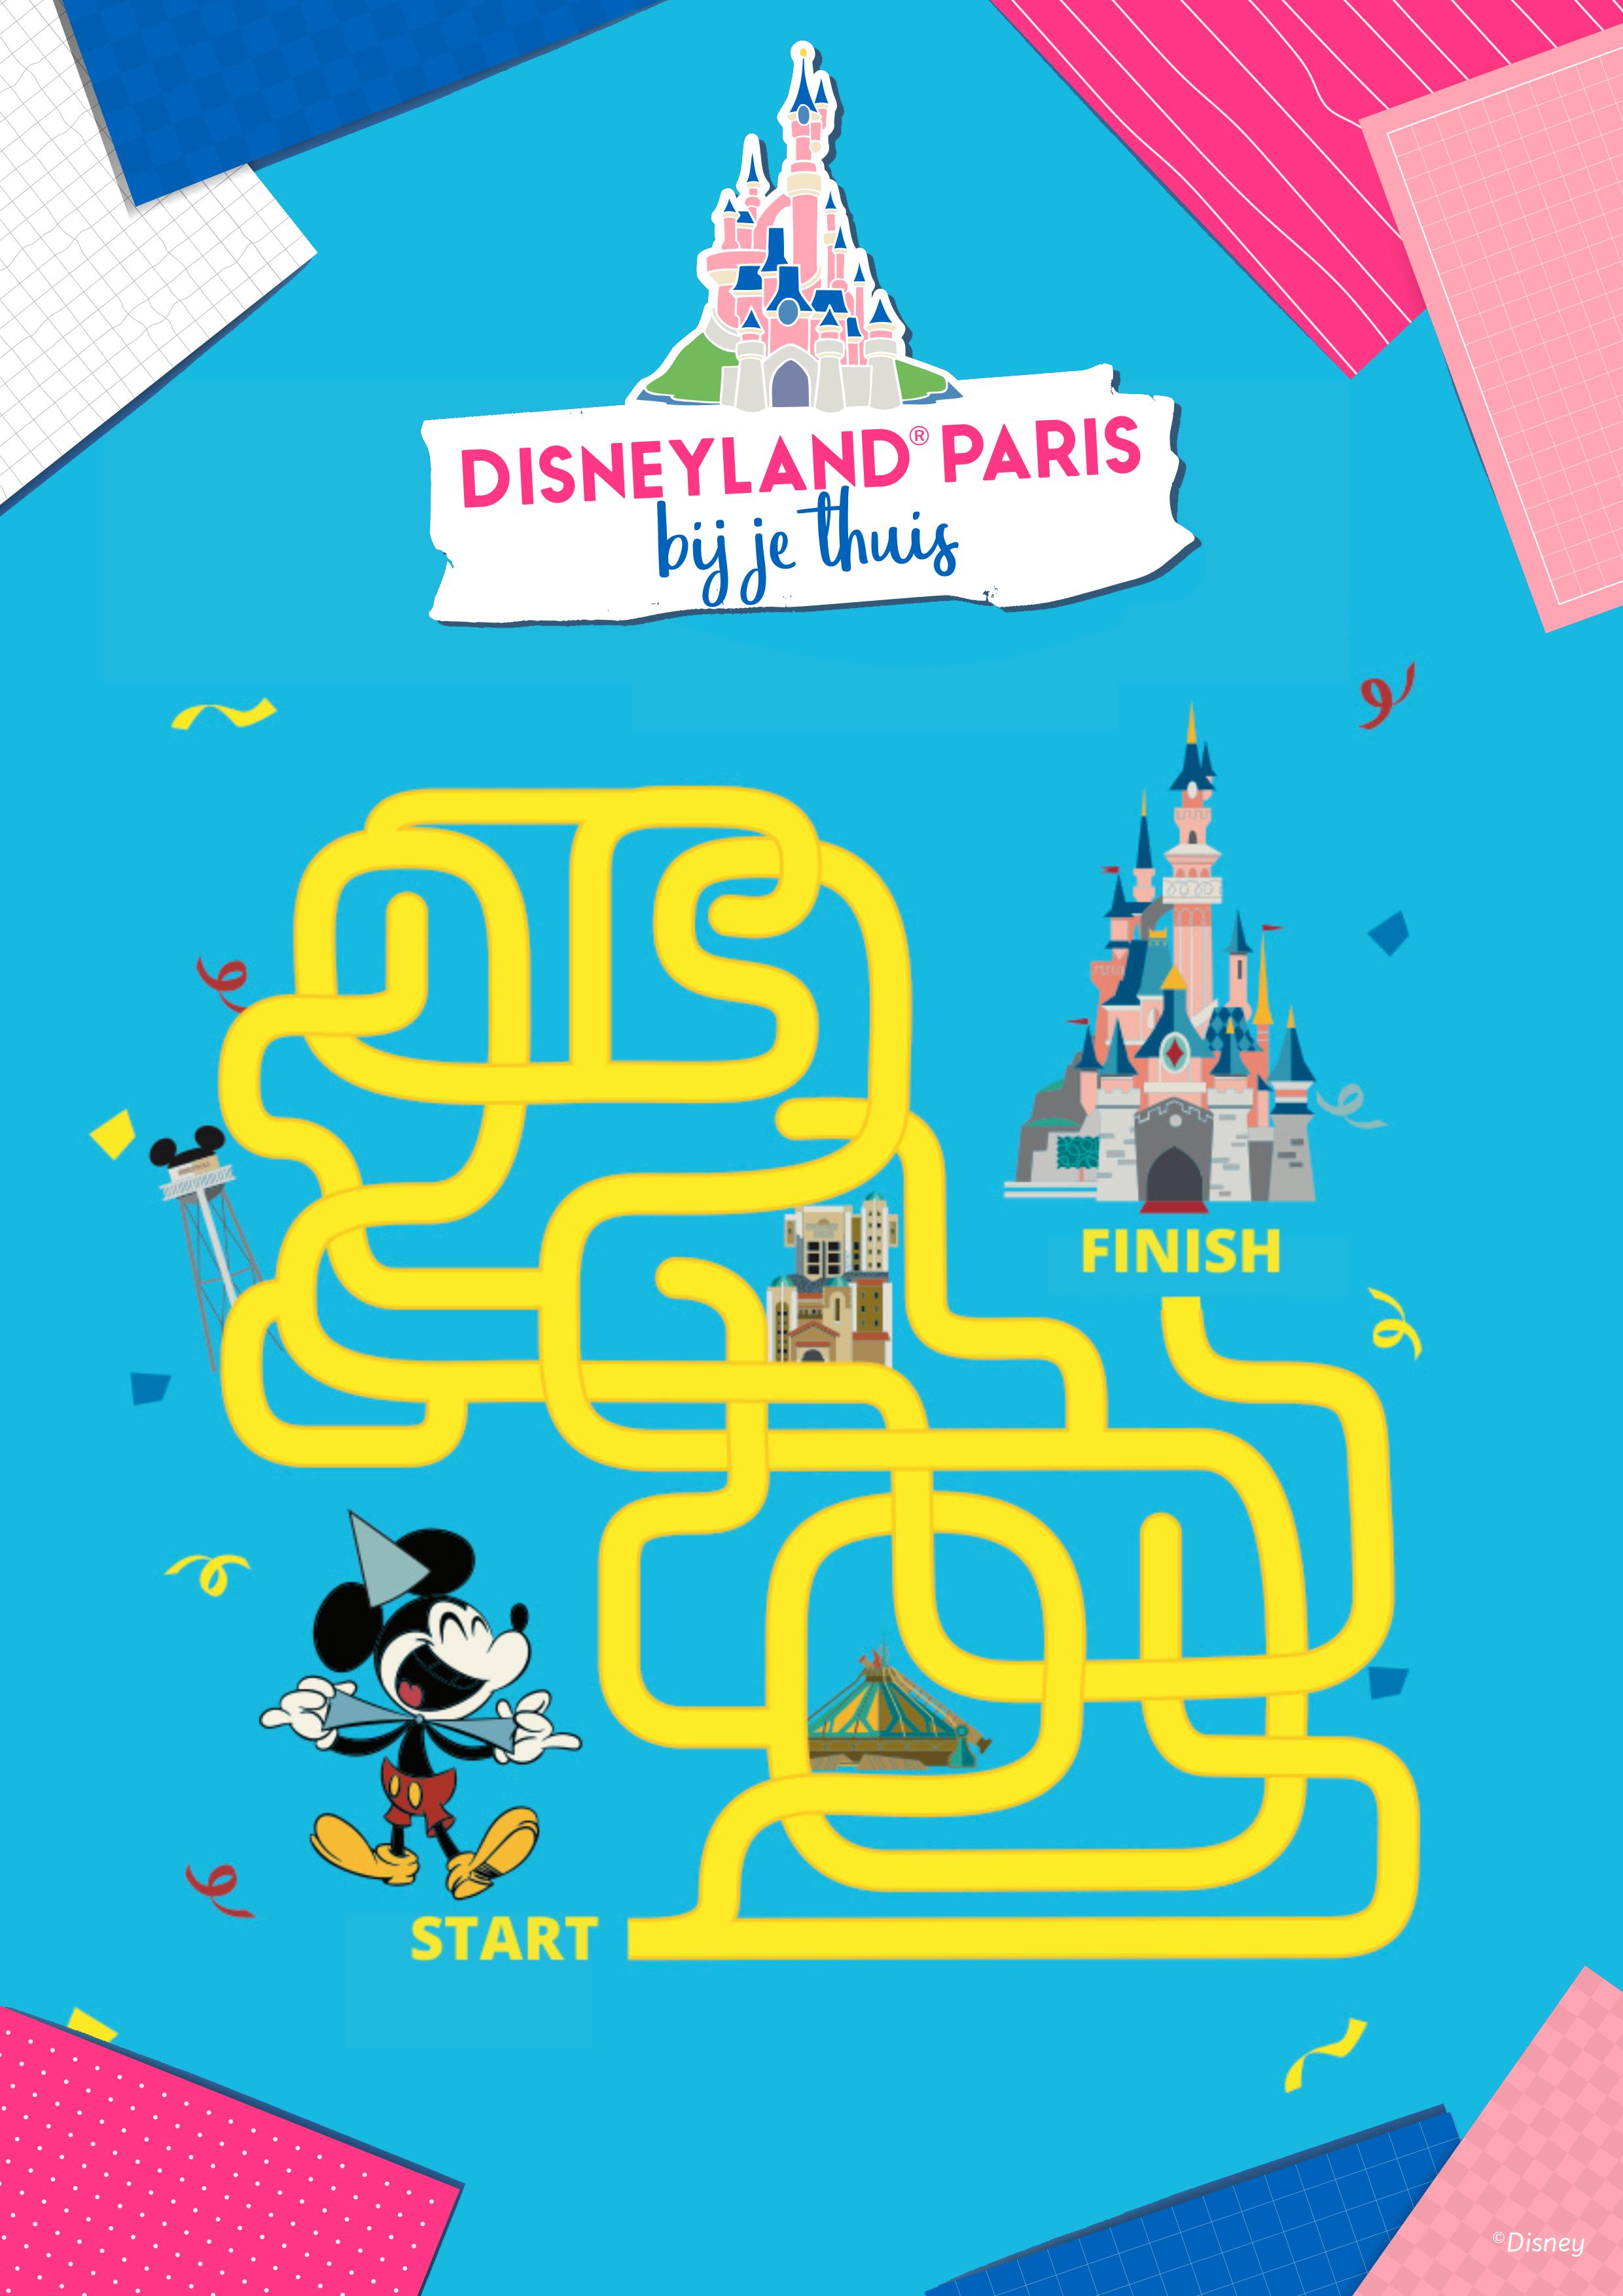 Help Mickey om de weg uit het labyrint te vinden